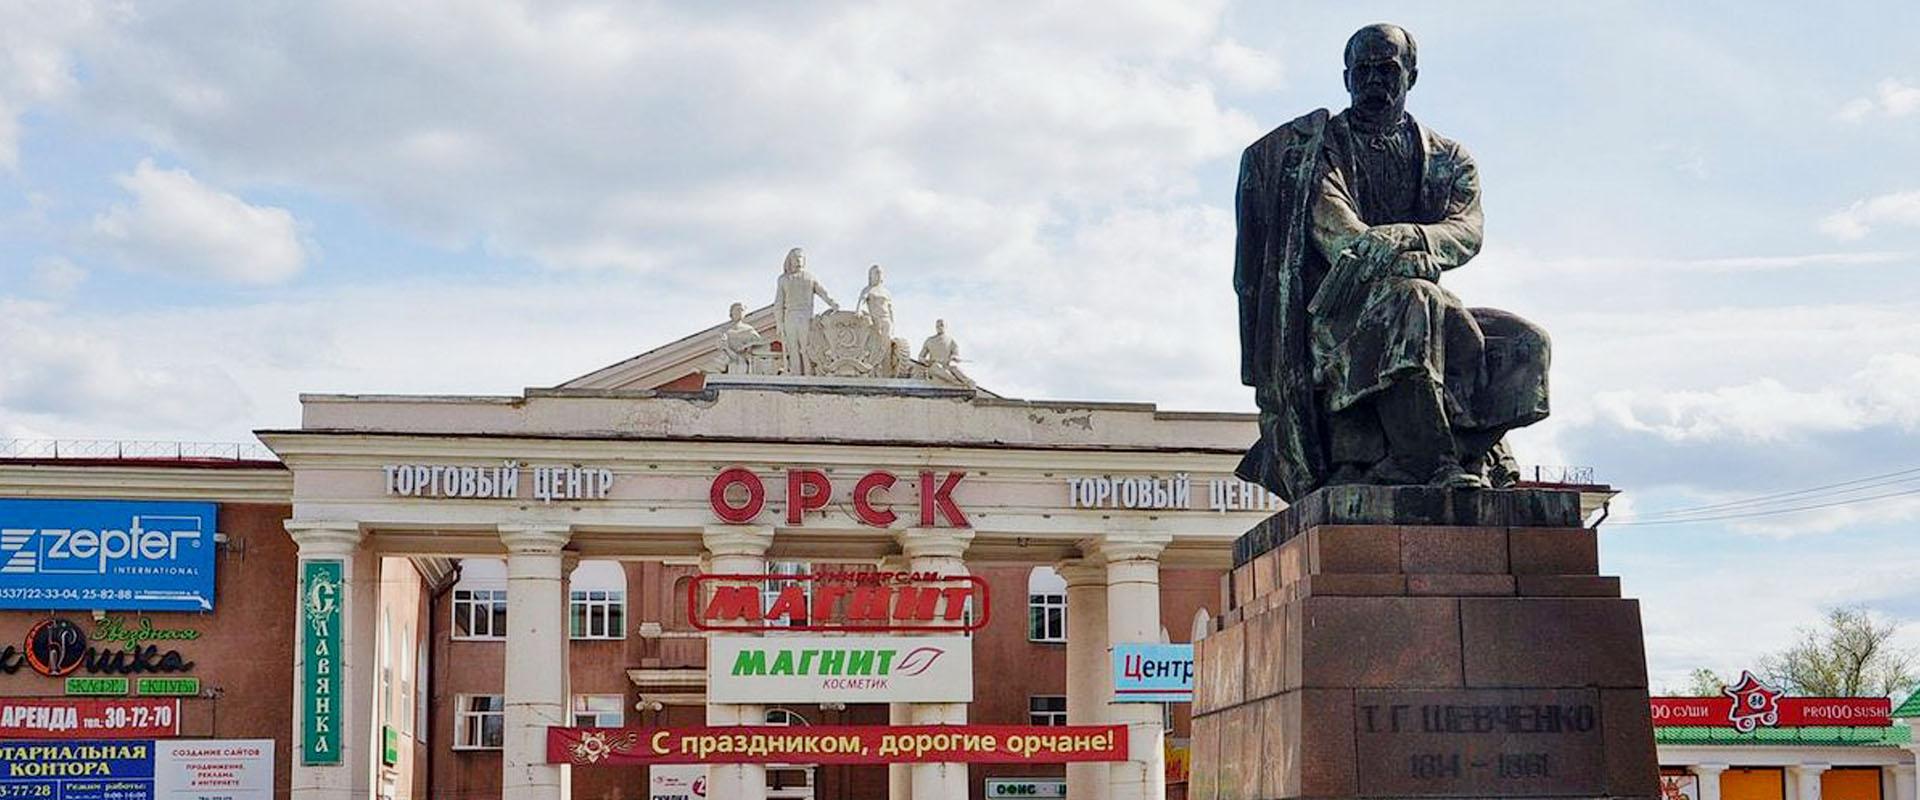 Тарас Шевченко — ссыльный, но несломленный!